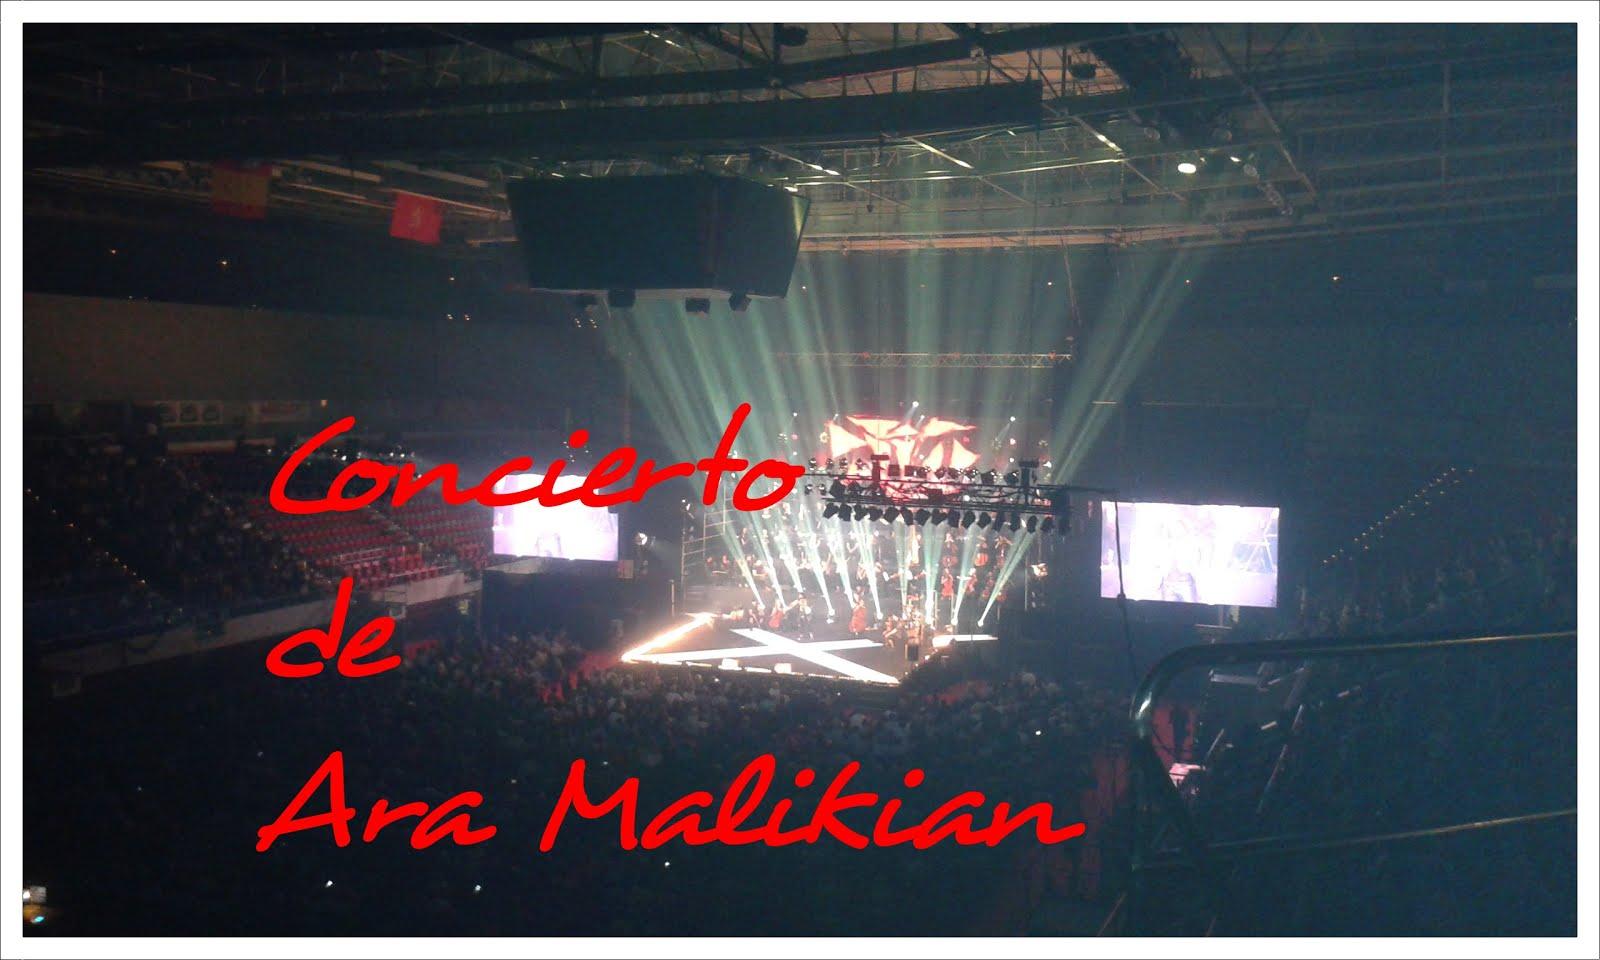 Concierto de Ara Malikian en Zaragoza. Un esfuerzo musical humanitario.